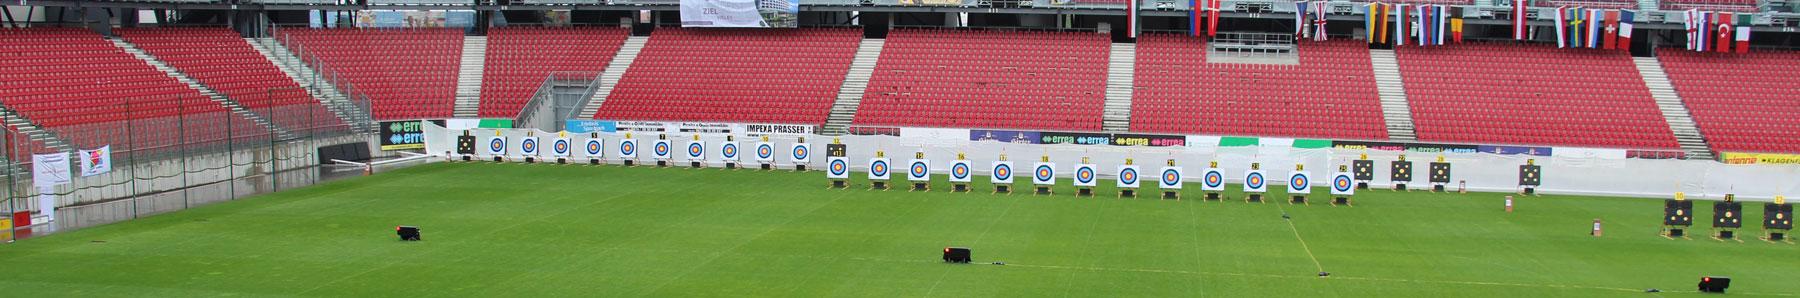 Das Stadion mit Zielscheiben beim 1st European Youth Cup 2015 in Klagenfurt, Österreich